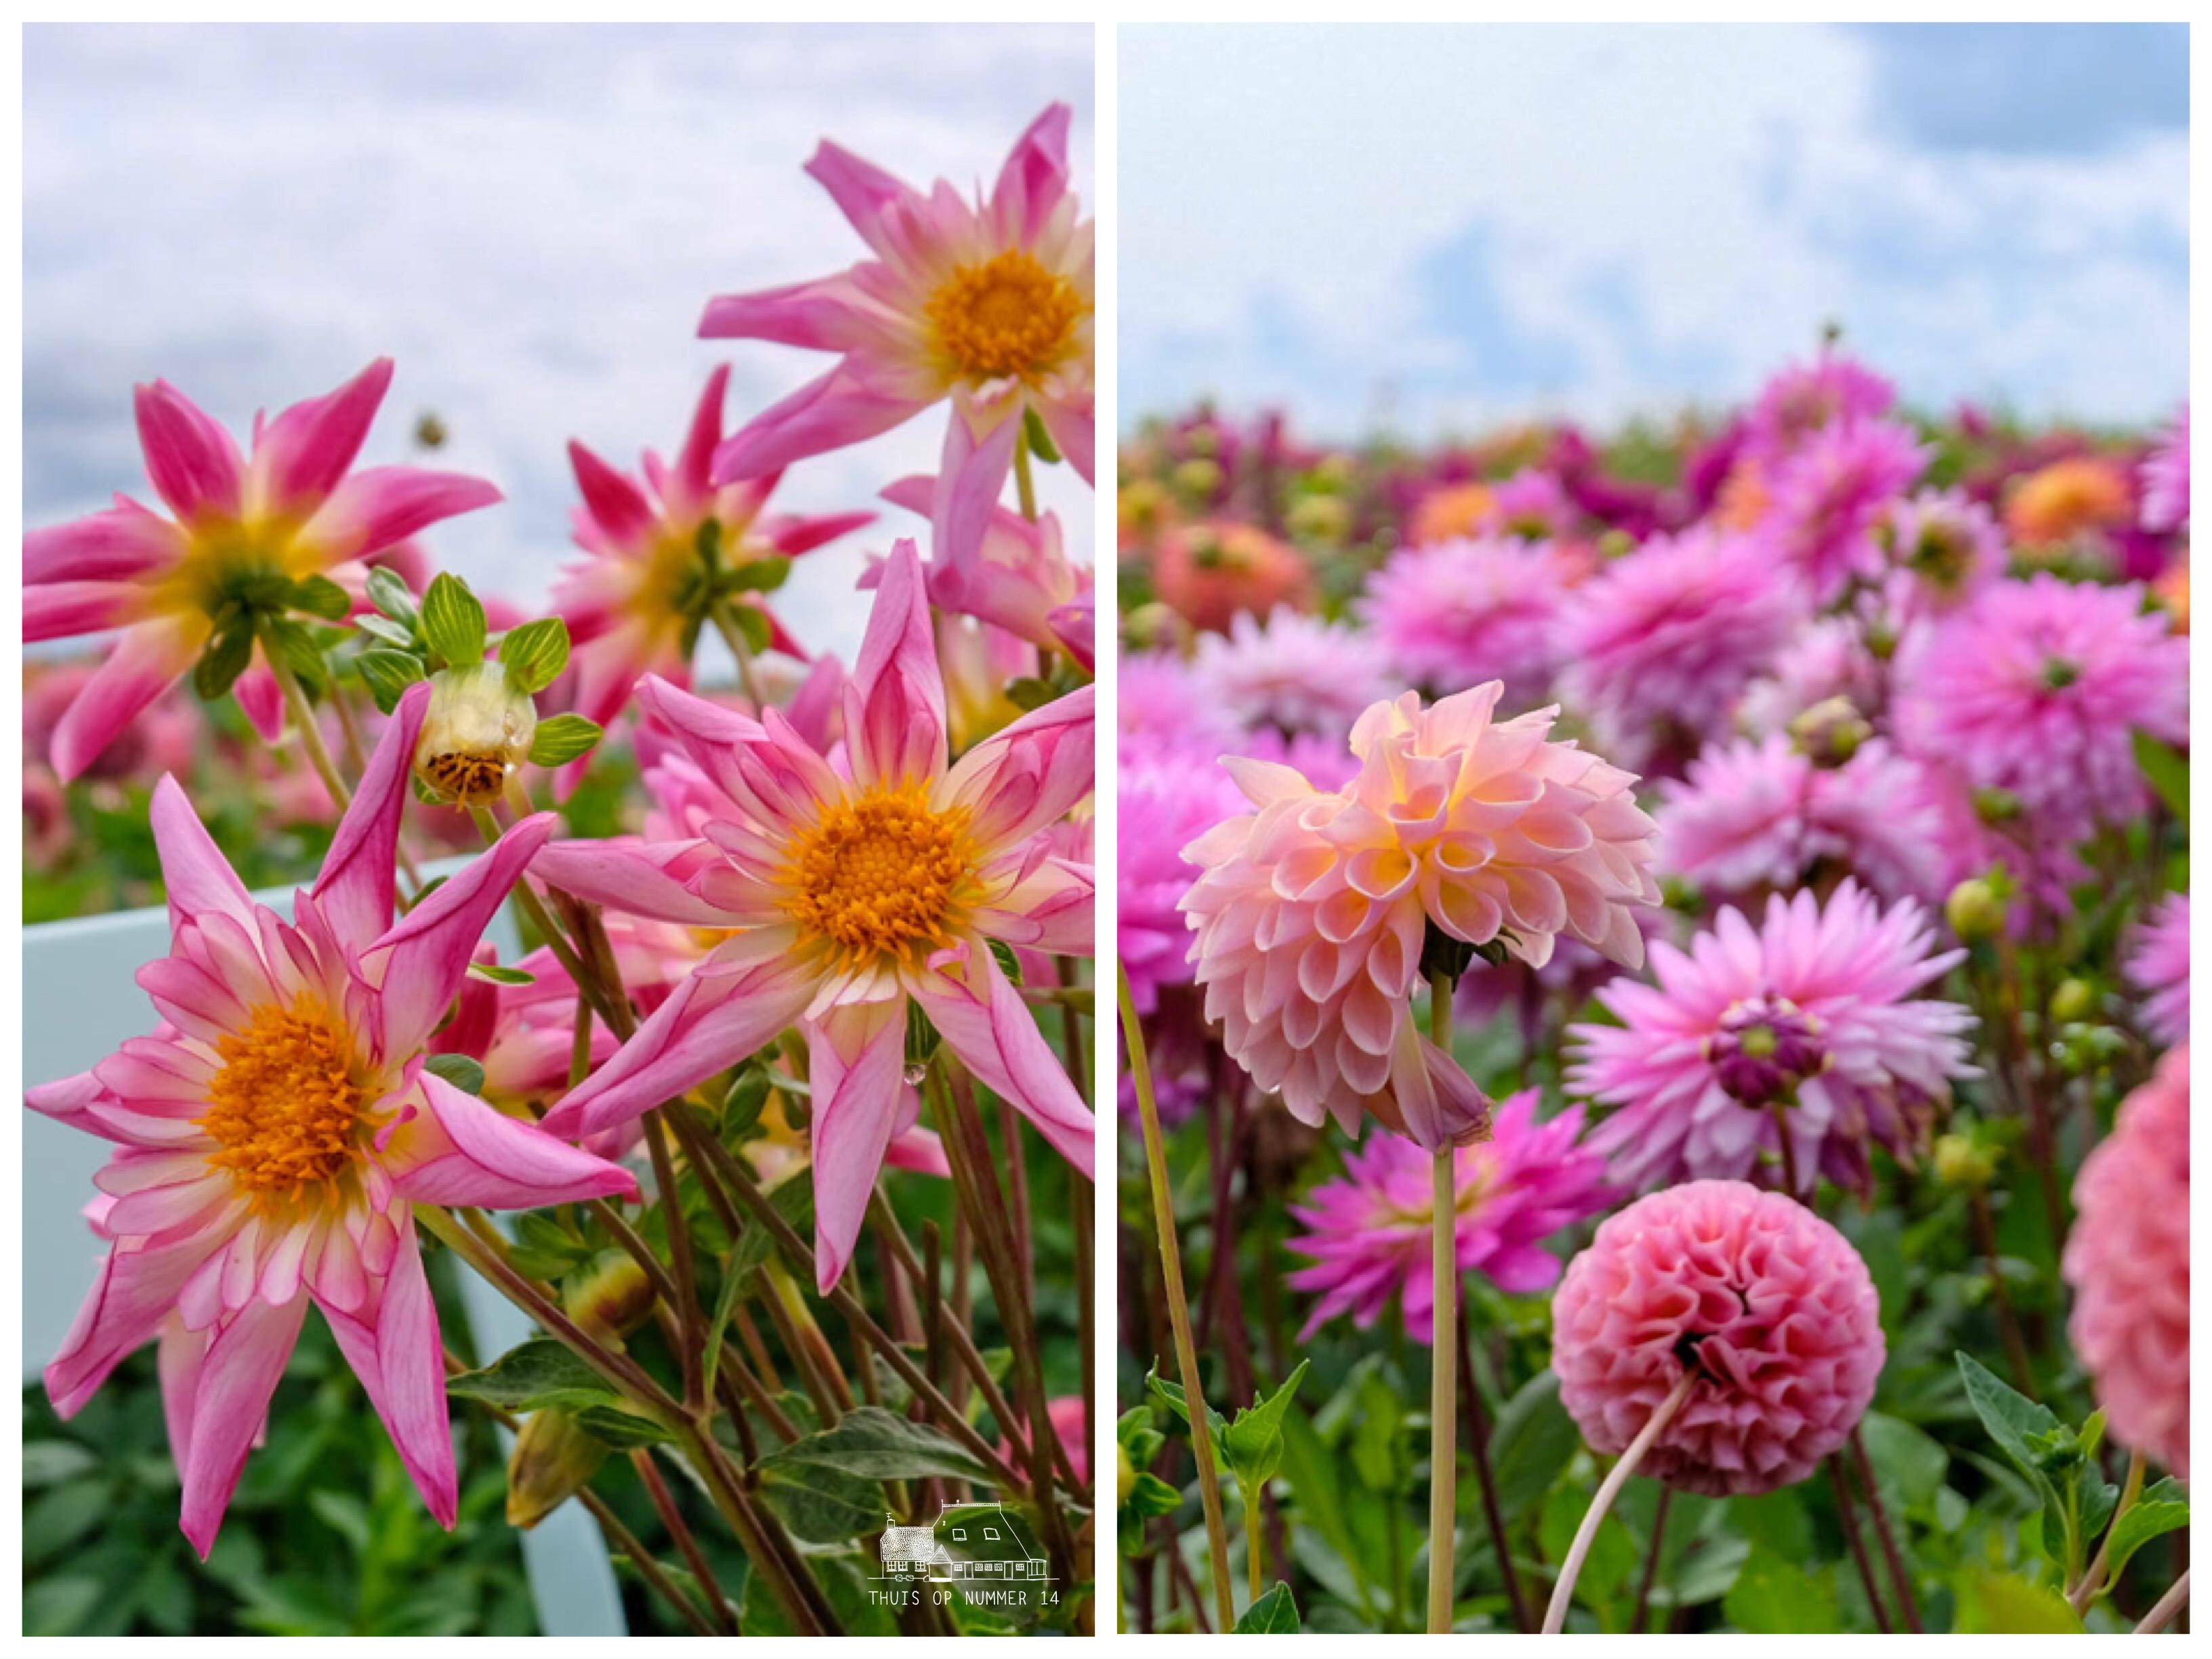 thuis op nummer 14 - Fam FlowerFarm *dahlia's